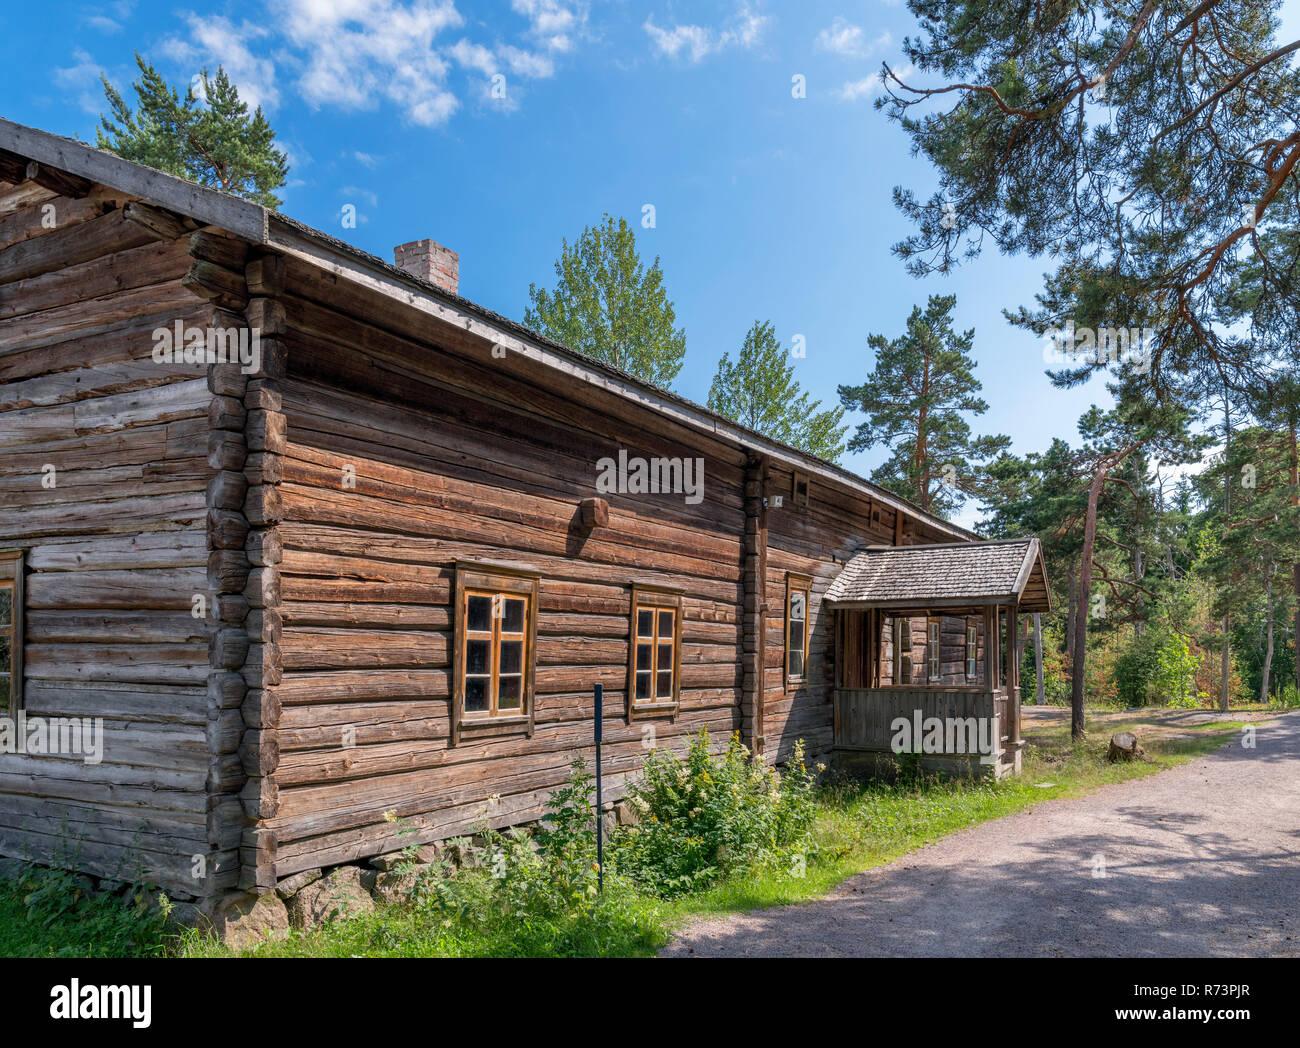 The early 19th century Selkämä house, (from Pieksämäki, Southern Savonia), Seurasaari Open-Air Museum, Seurasaari, Helsinki, Finland. - Stock Image